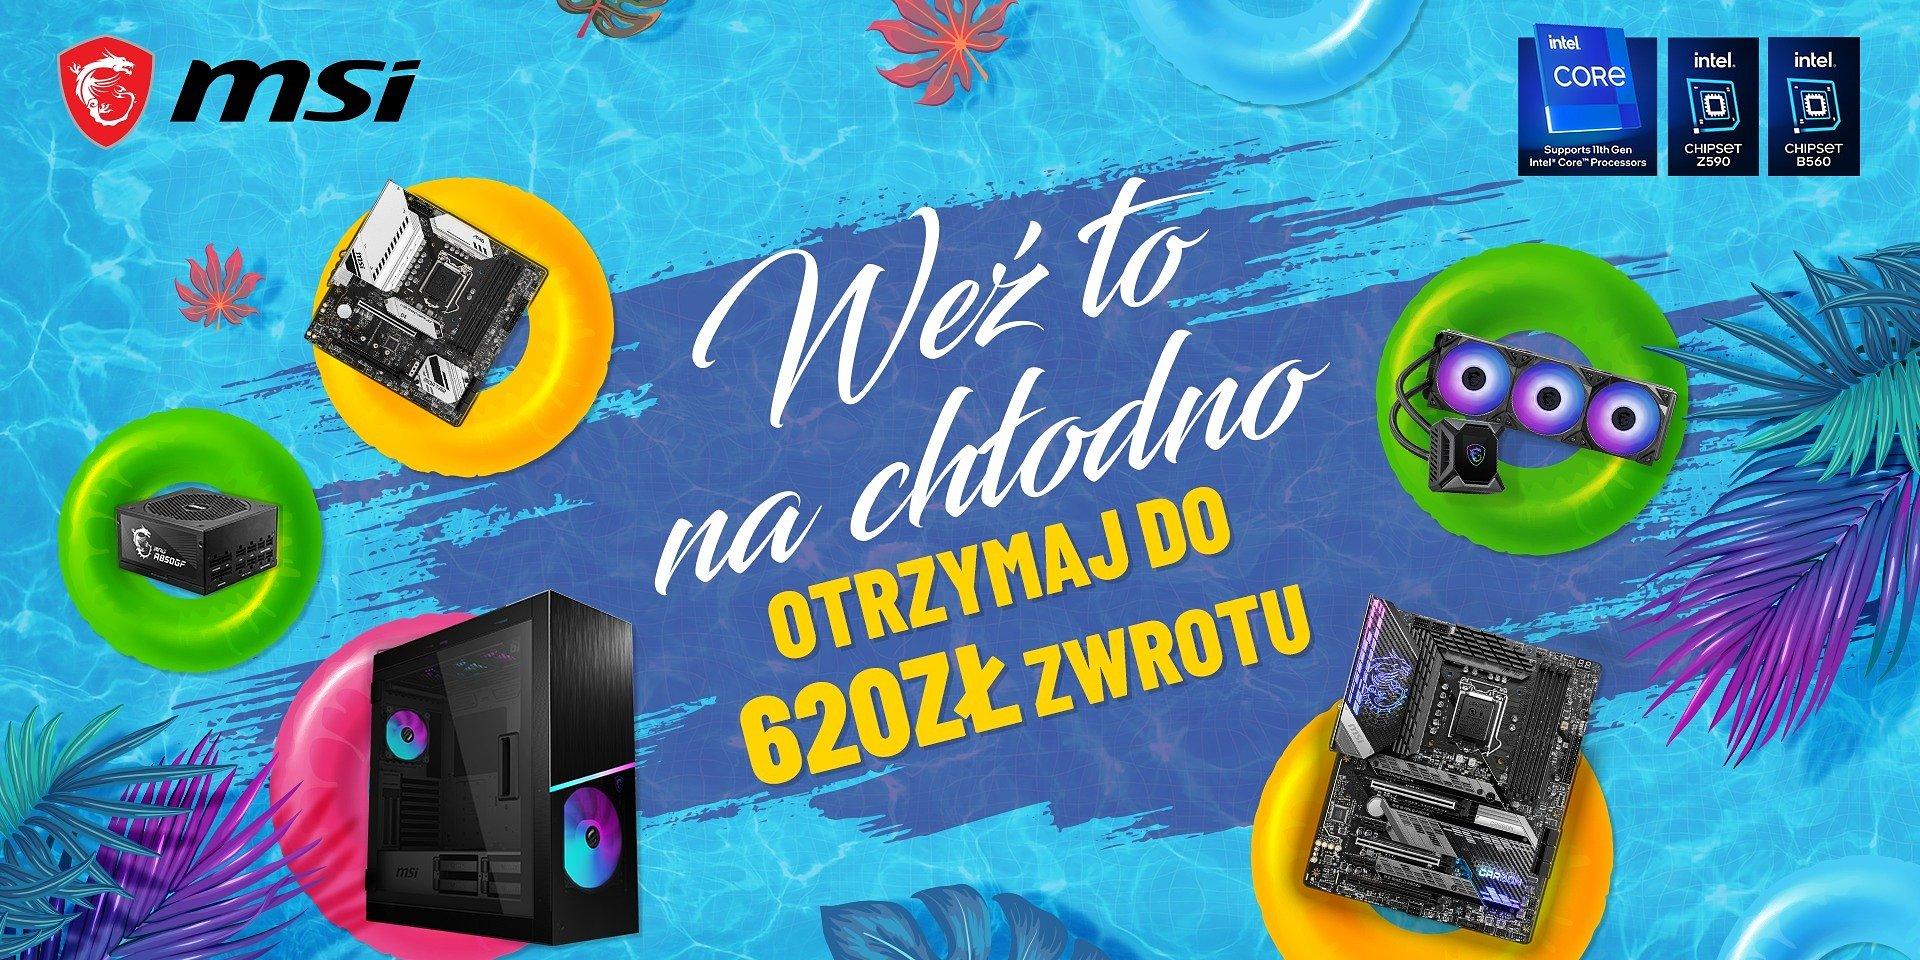 Weź to na chłodno z MSI – zgarnij nawet 620 złotych za zakup sprzętu!